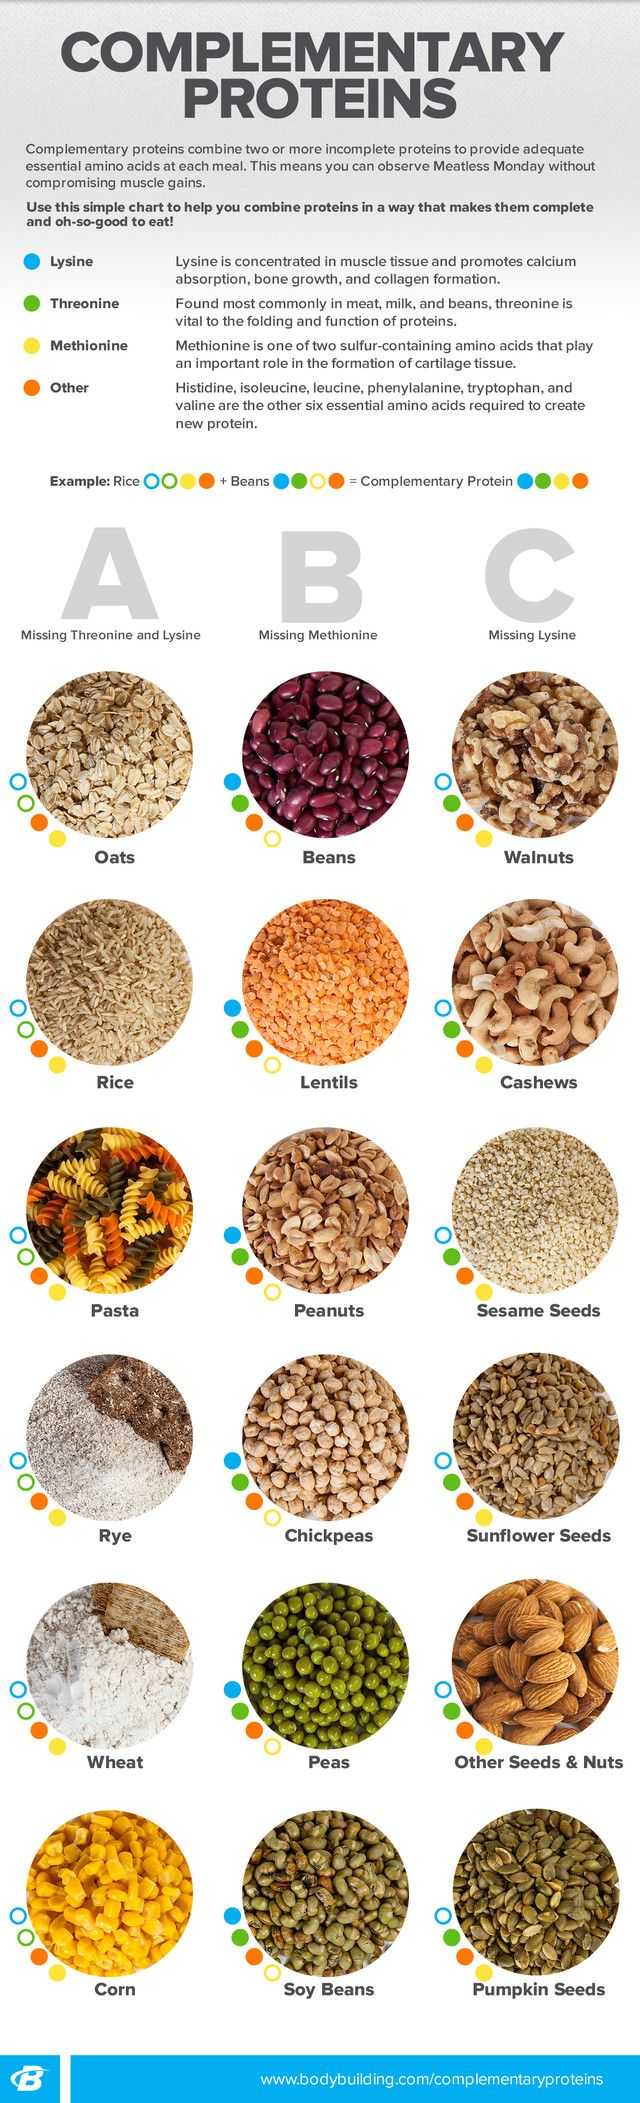 bf6adf2c0d833a84e9c2ec58f80e9640--vegan-protein-protein-recipes.jpg